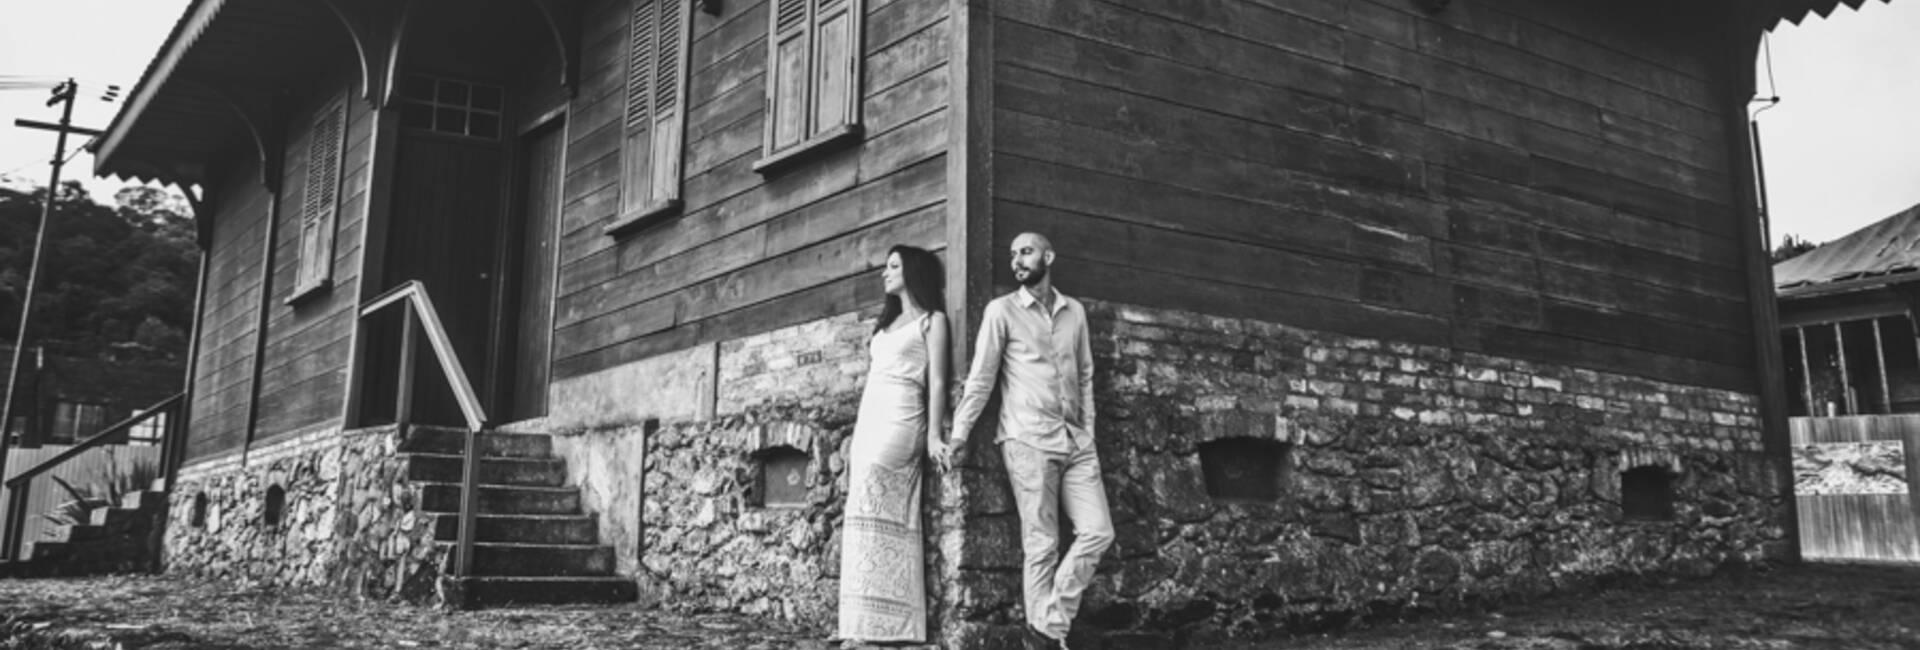 e-session de Susana e Jonatas